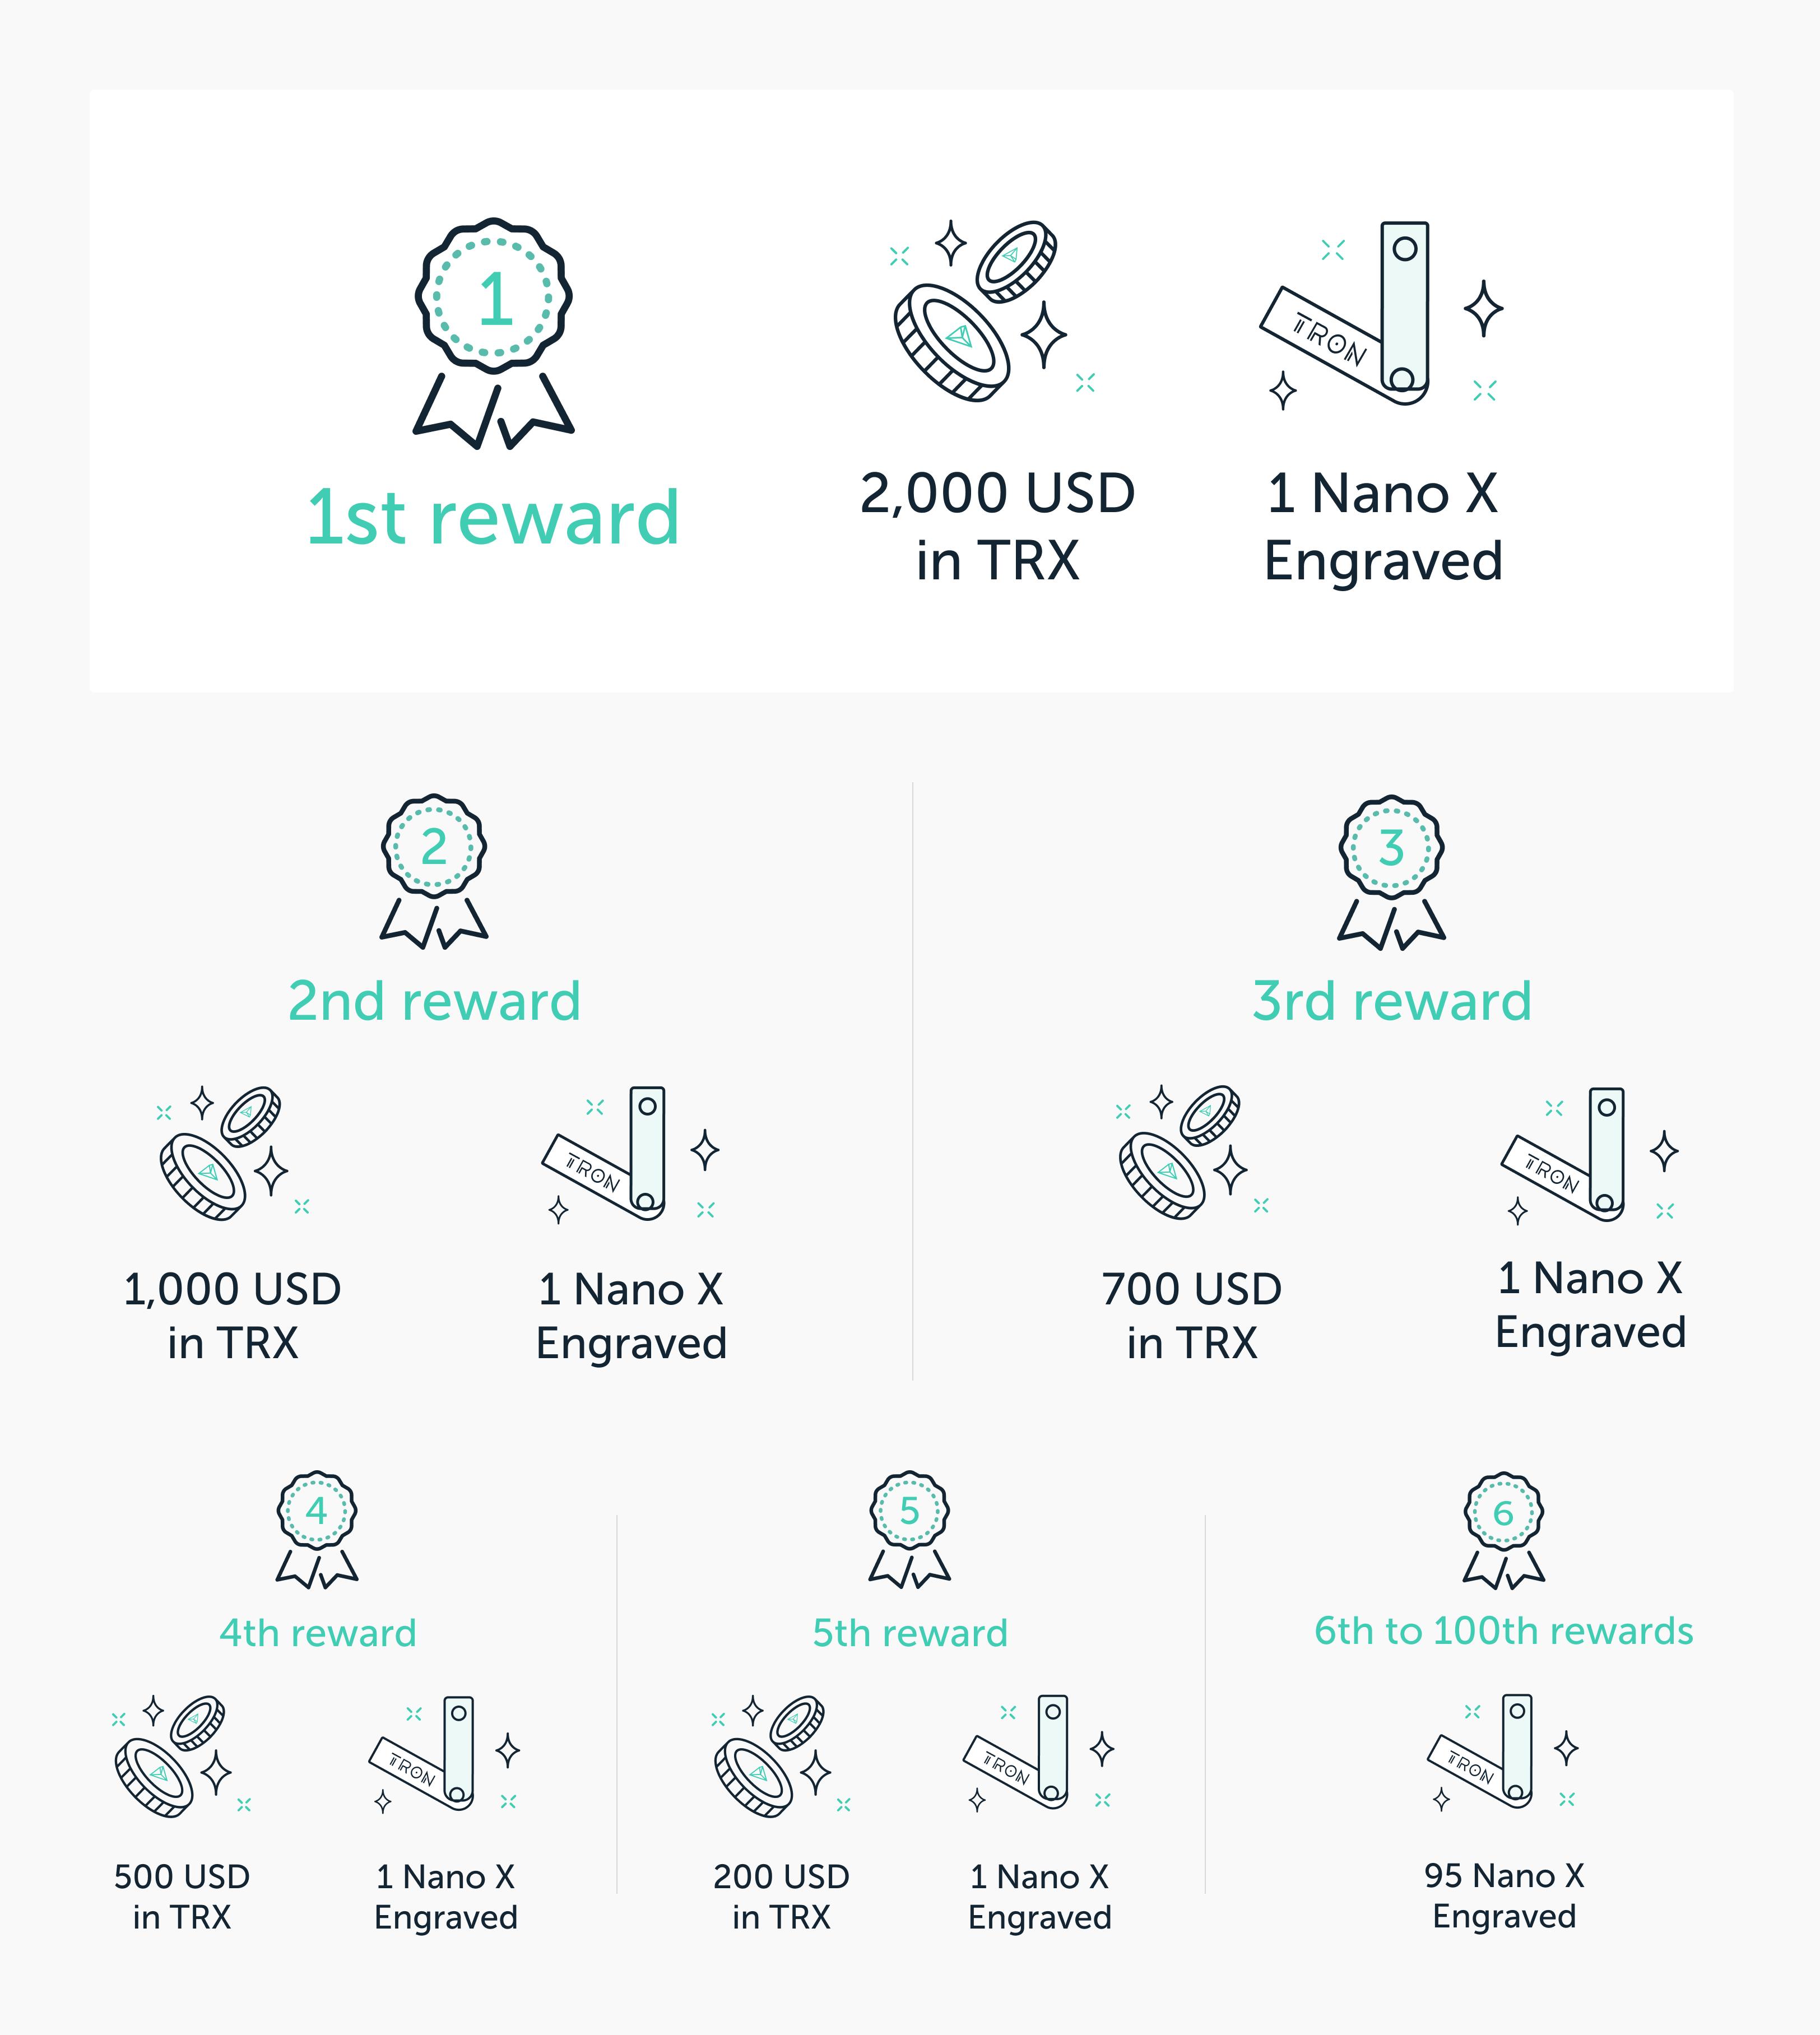 конкурс победители криптовалюты